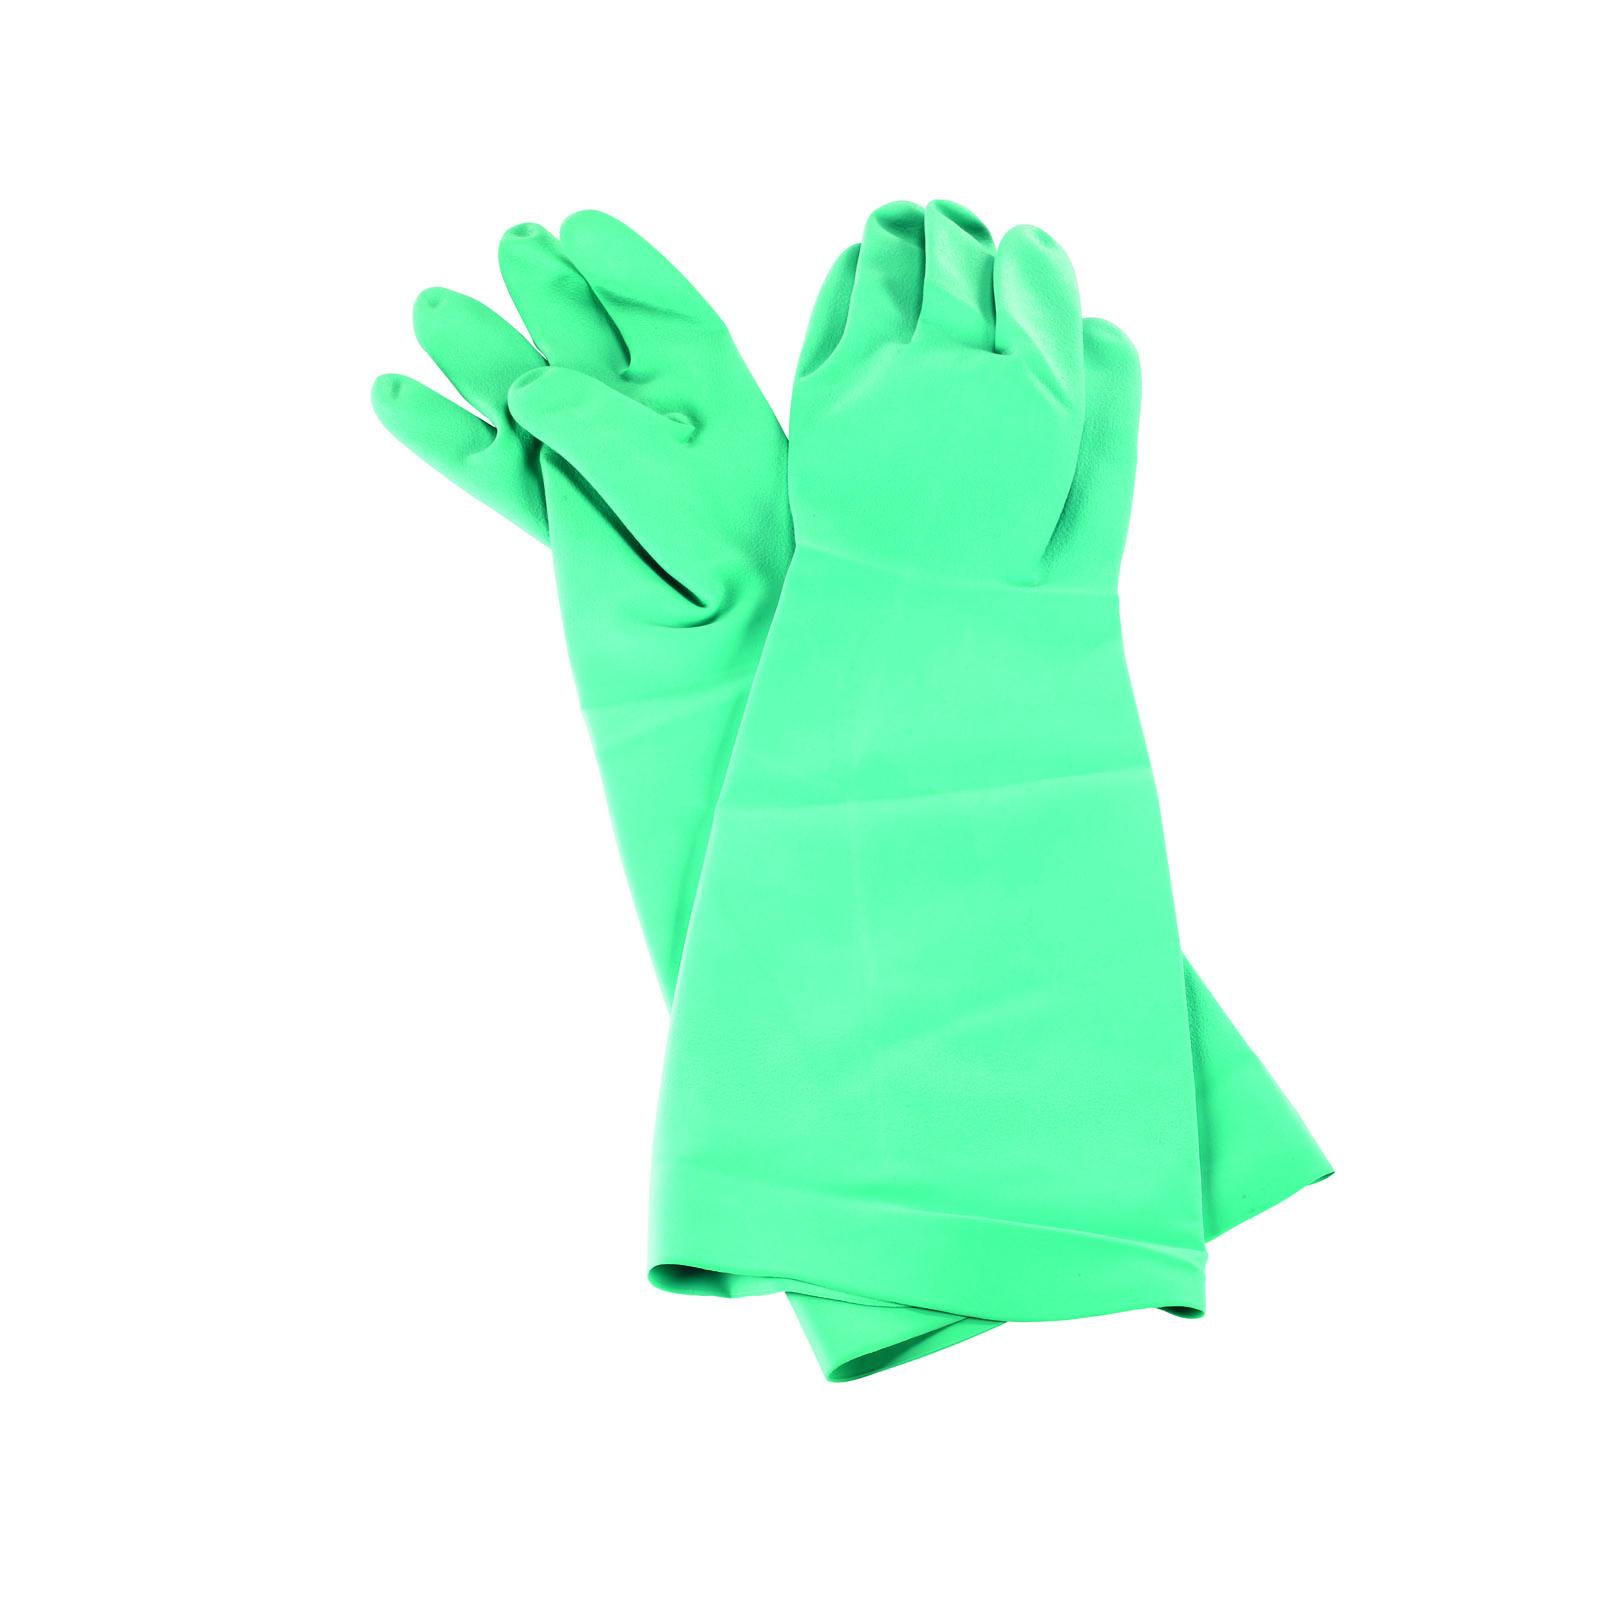 San Jamar 19NU-M gloves, dishwashing / cleaning